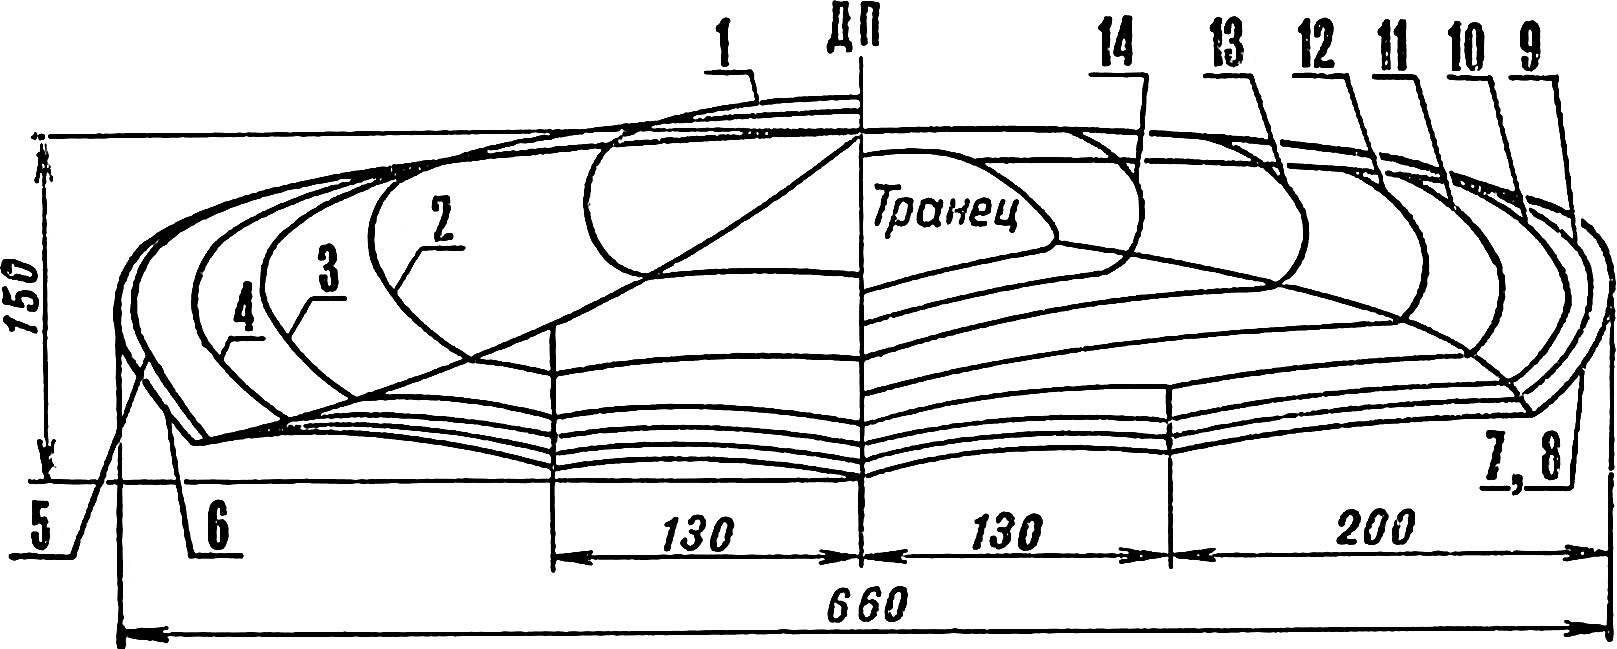 Корпус «акваты-370».